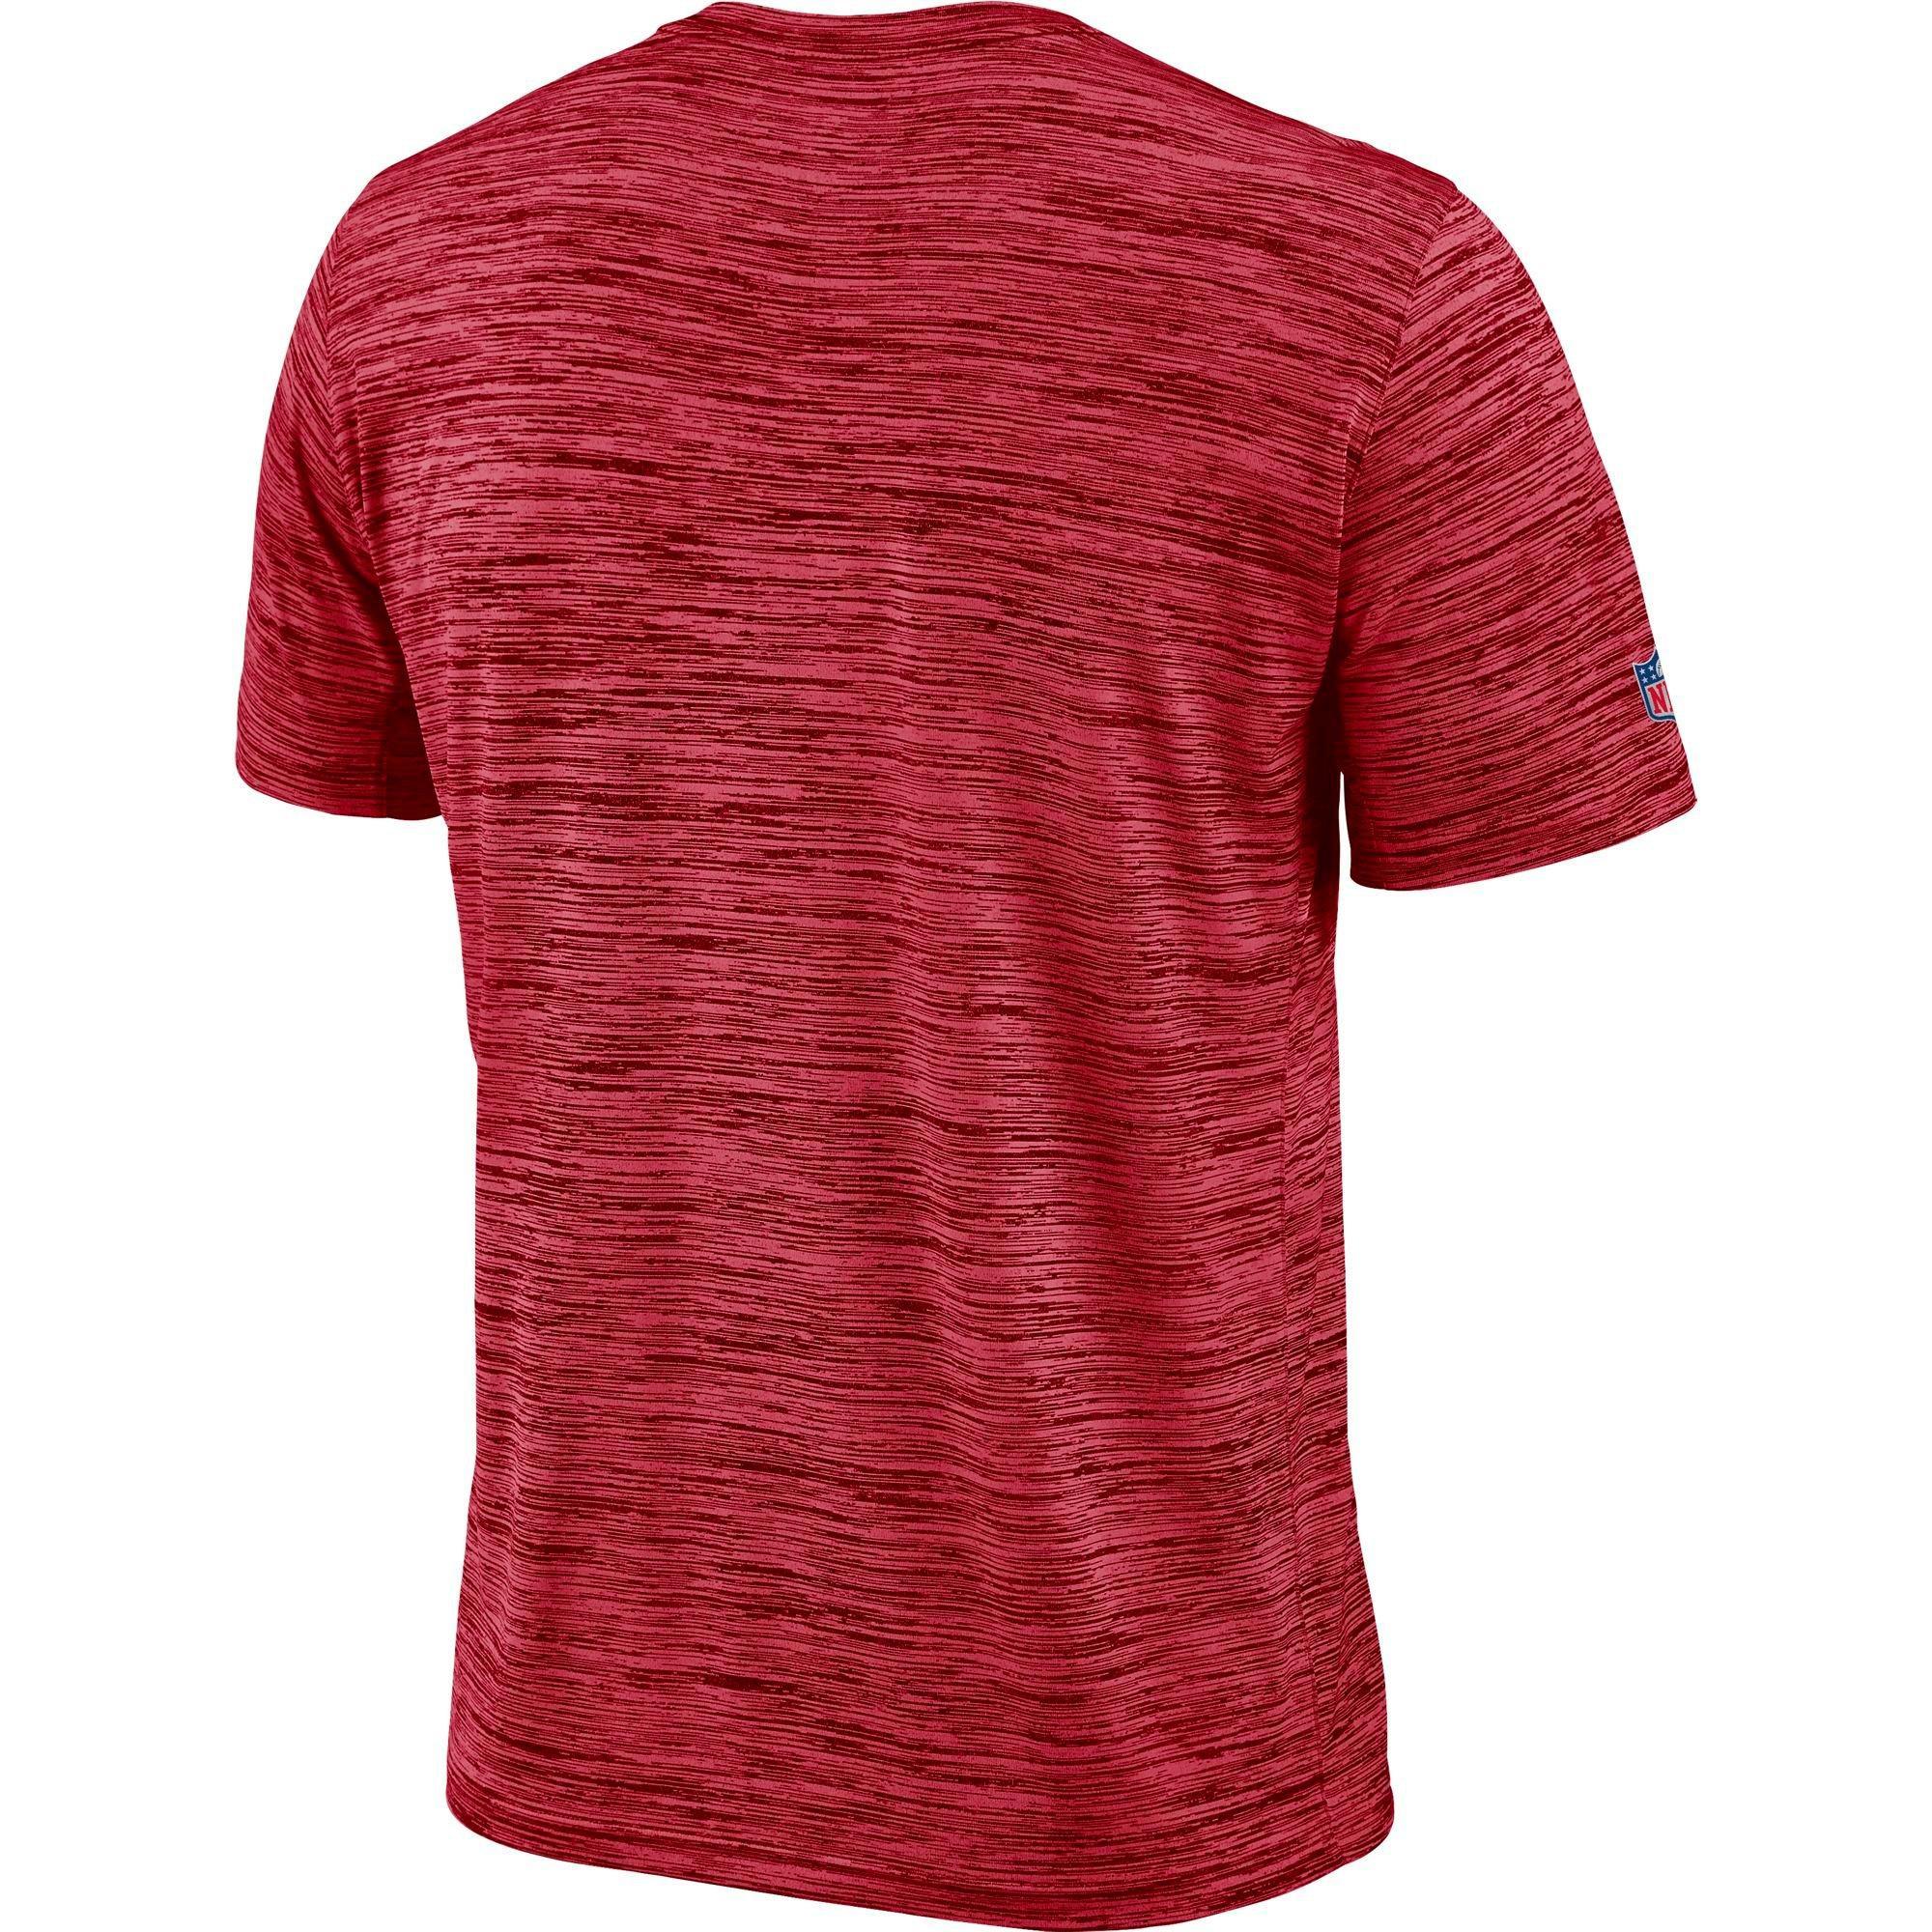 falcons pink shirt